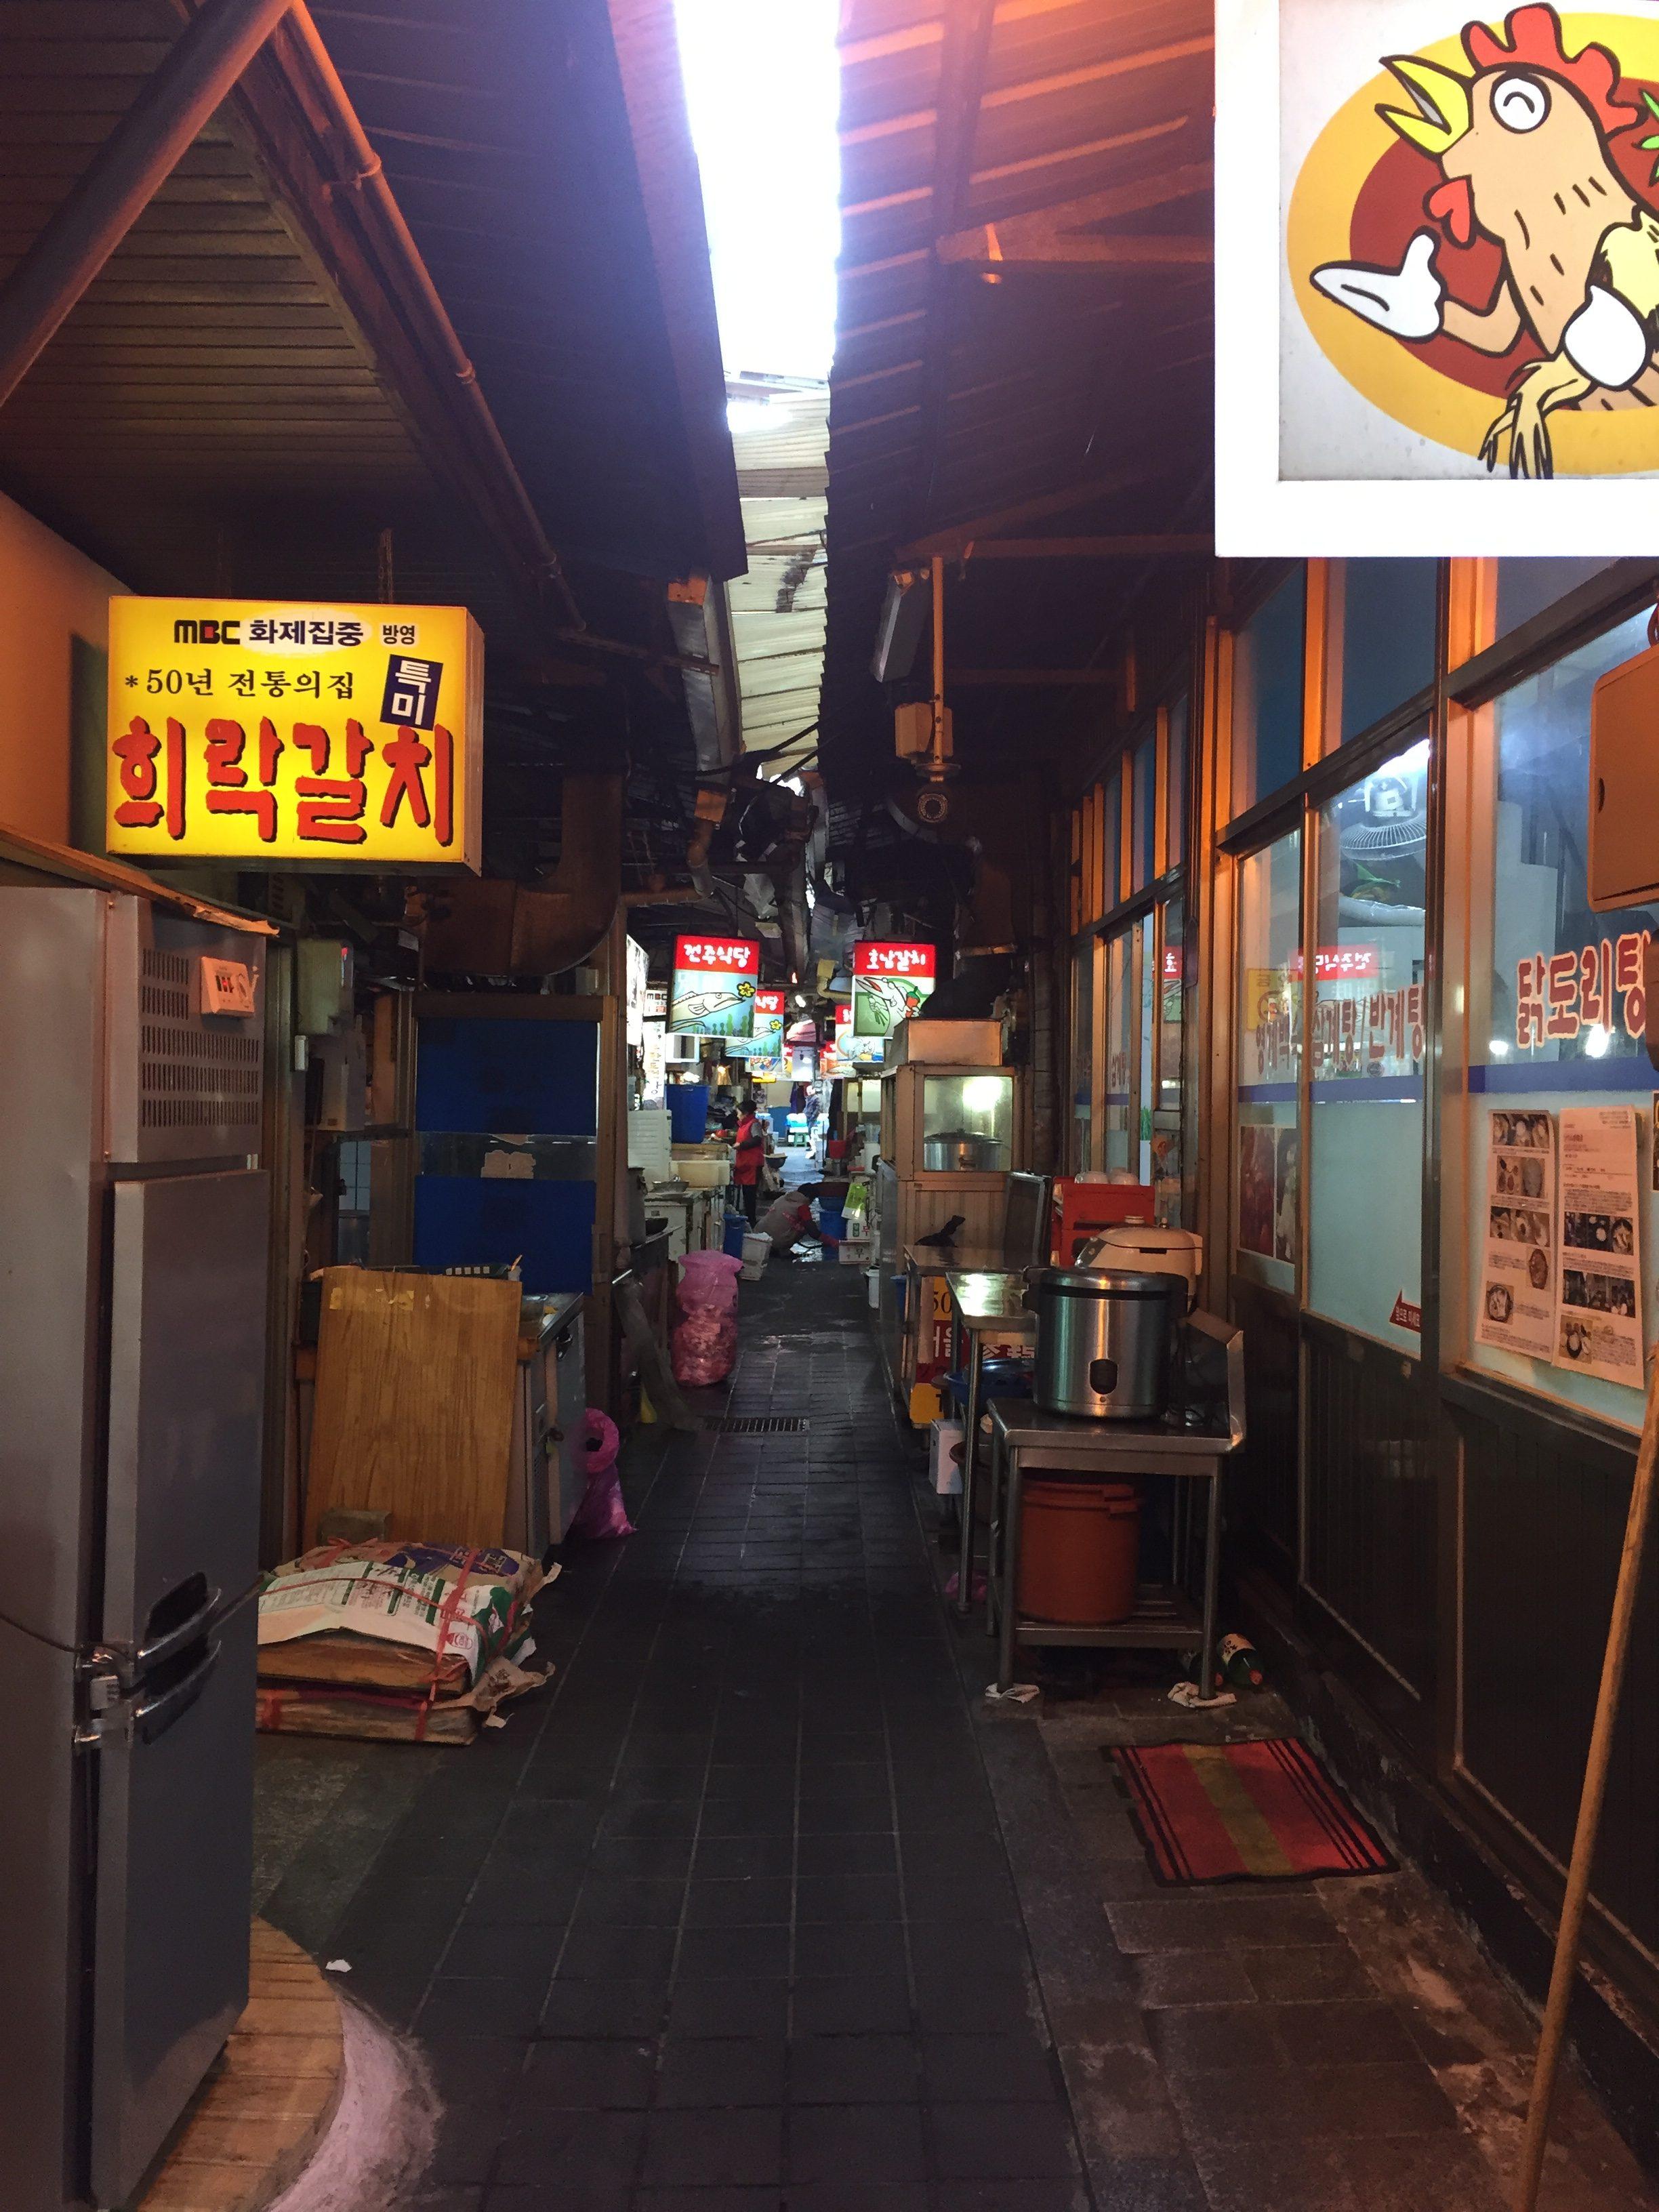 ソウルの旅2日目(1)★弾丸2泊3日 明洞・南大門市場の楽しみ方